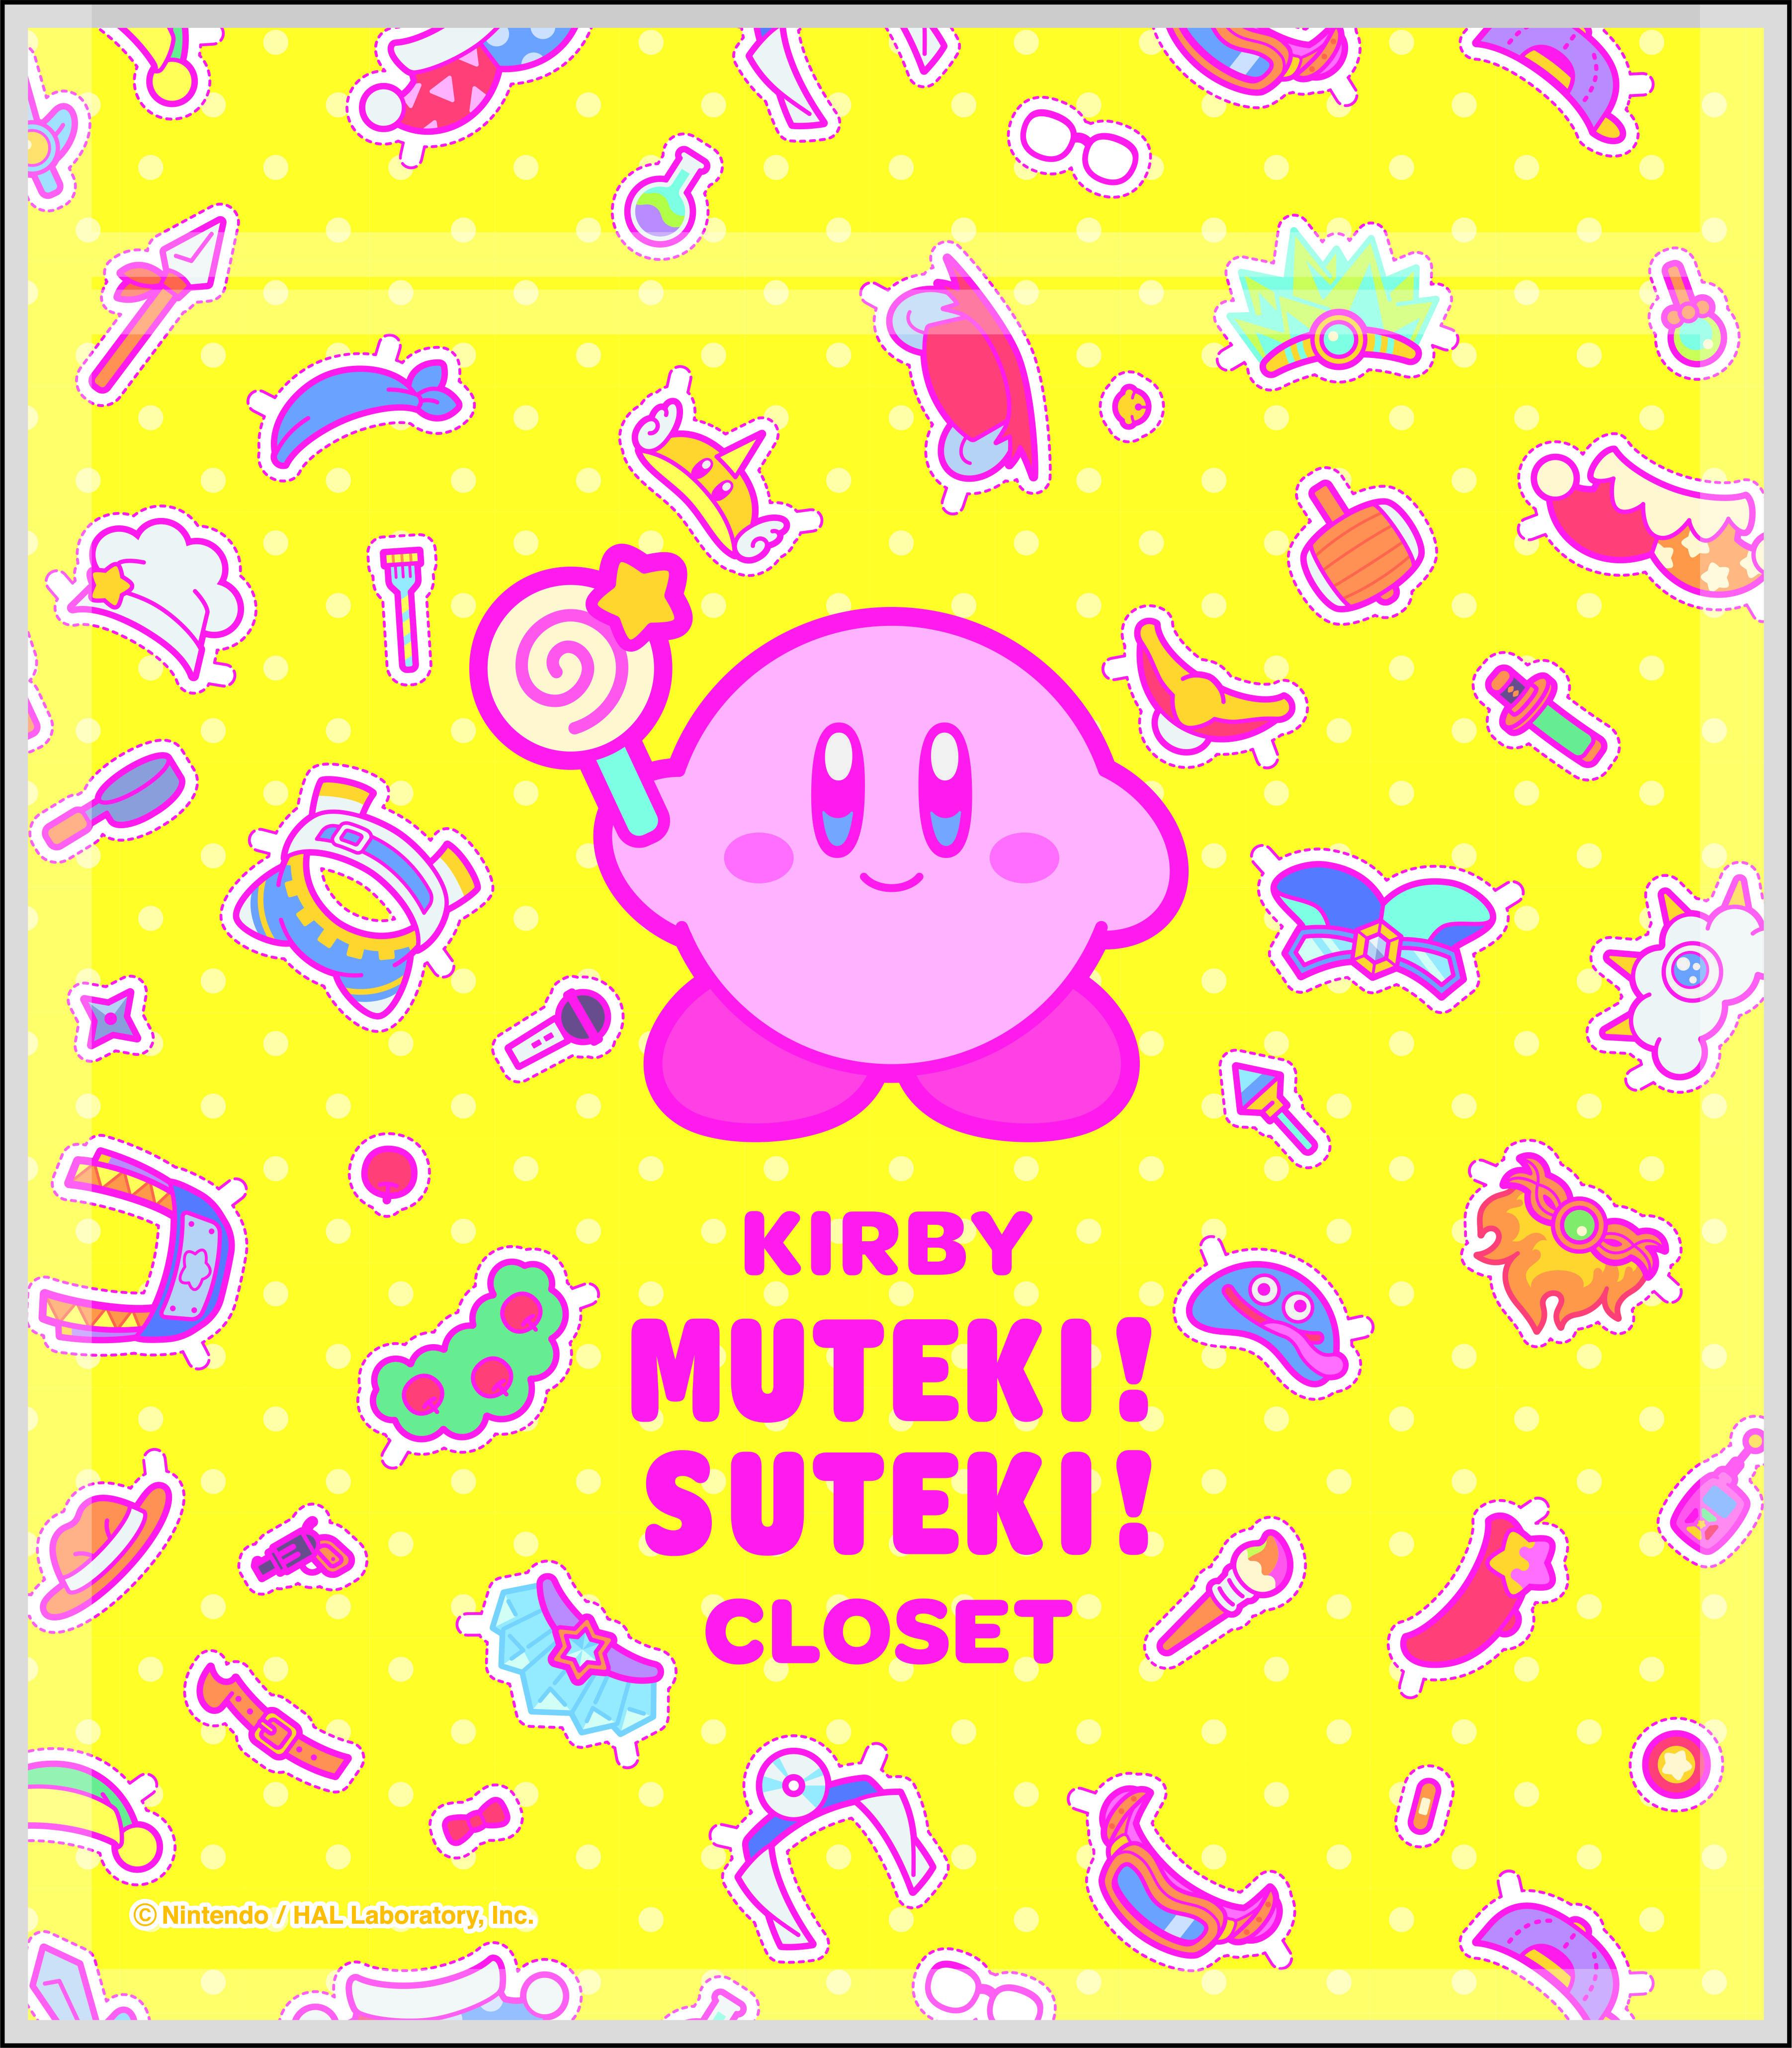 星のカービィ KIRBY MUTEKI! SUTEKI! CLOSET ジッパーバッグ (3)アイテムきせかえ  /  エンスカイ